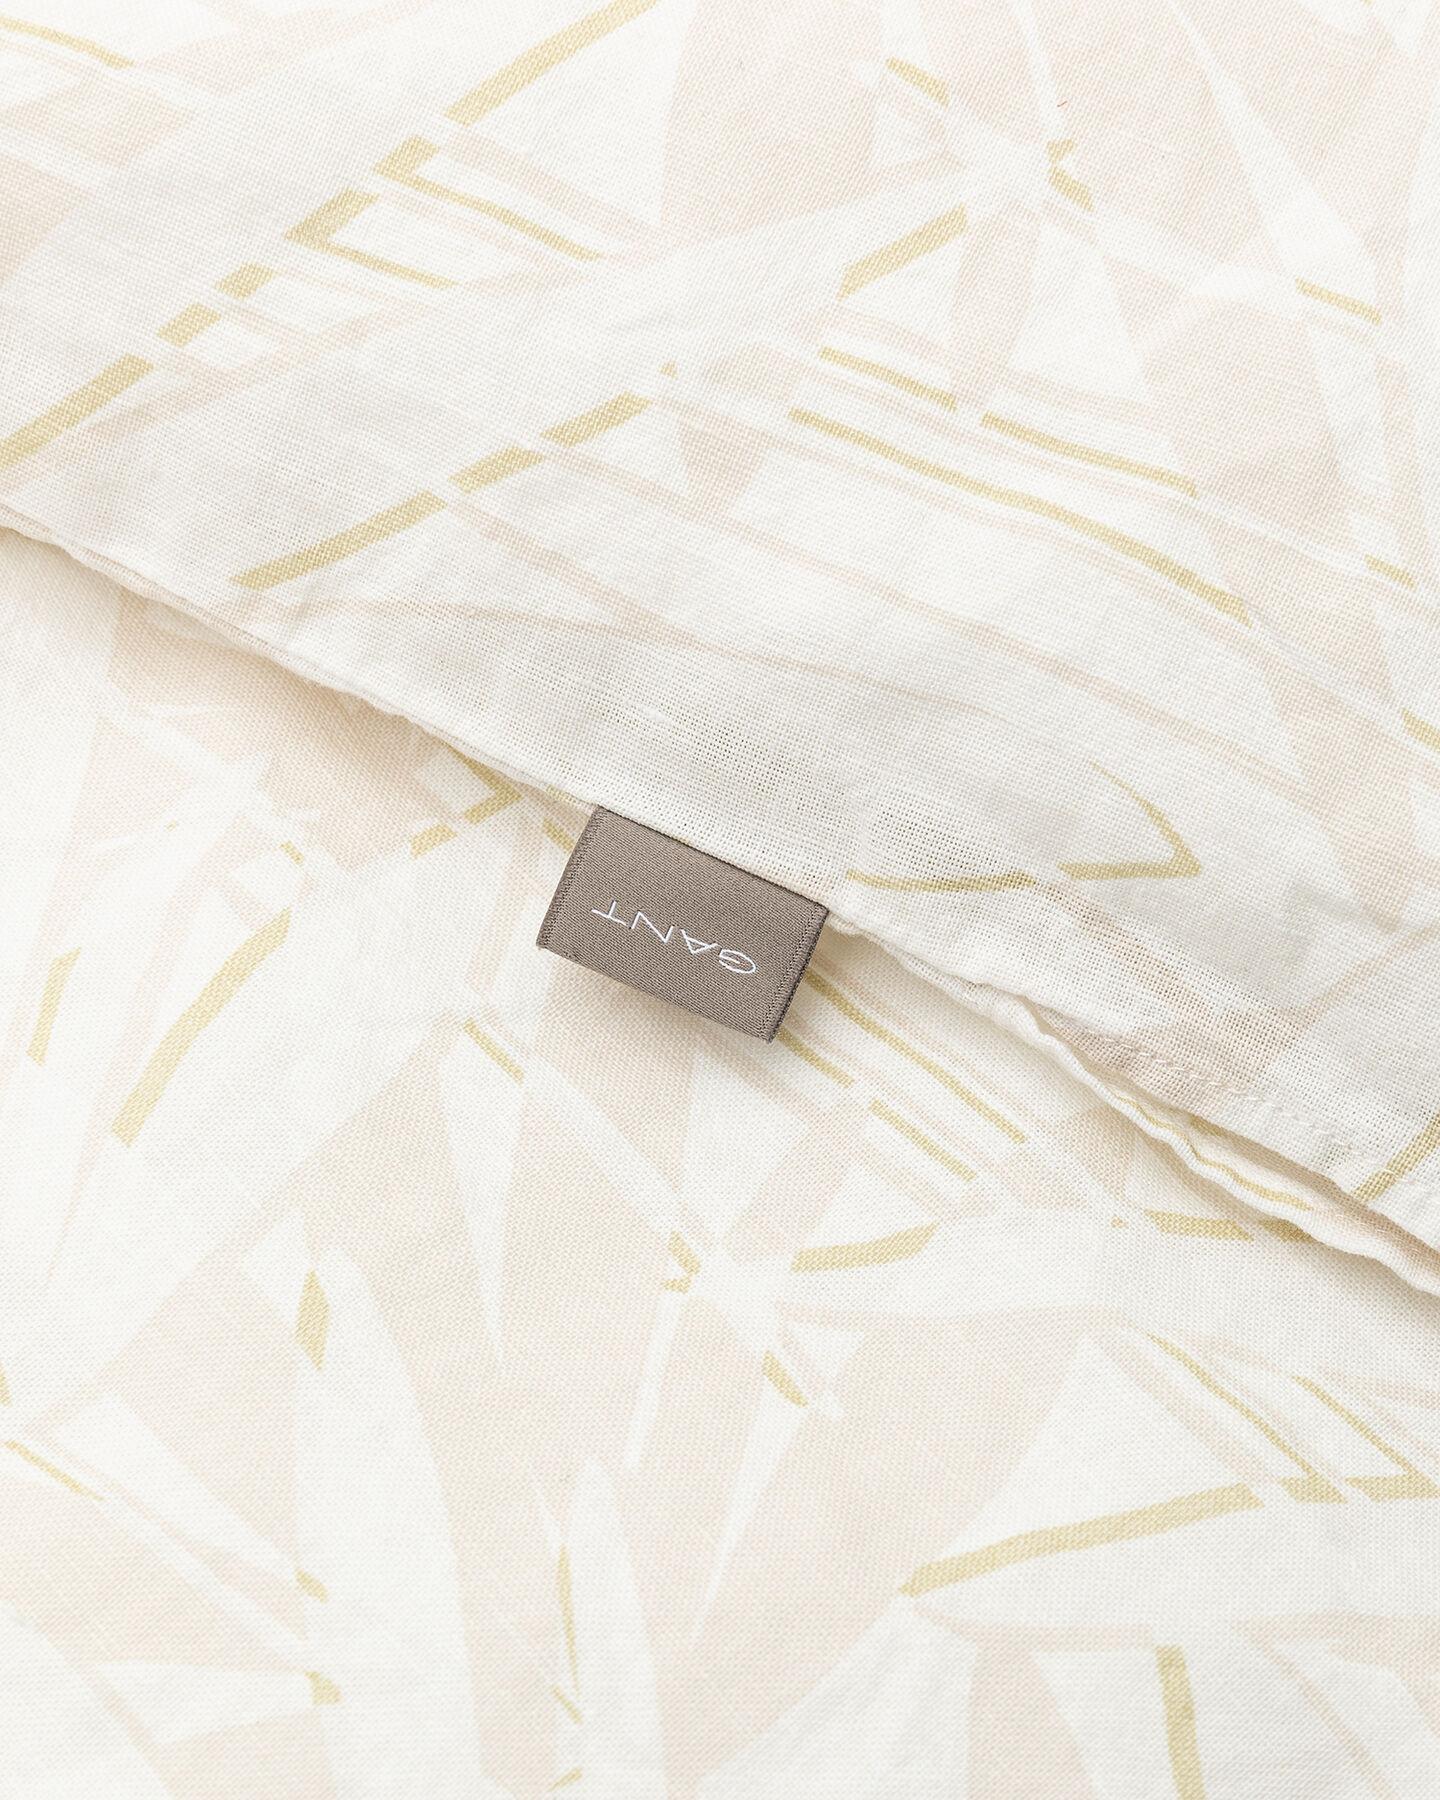 Grow påslakan i bomull och linne, enkel